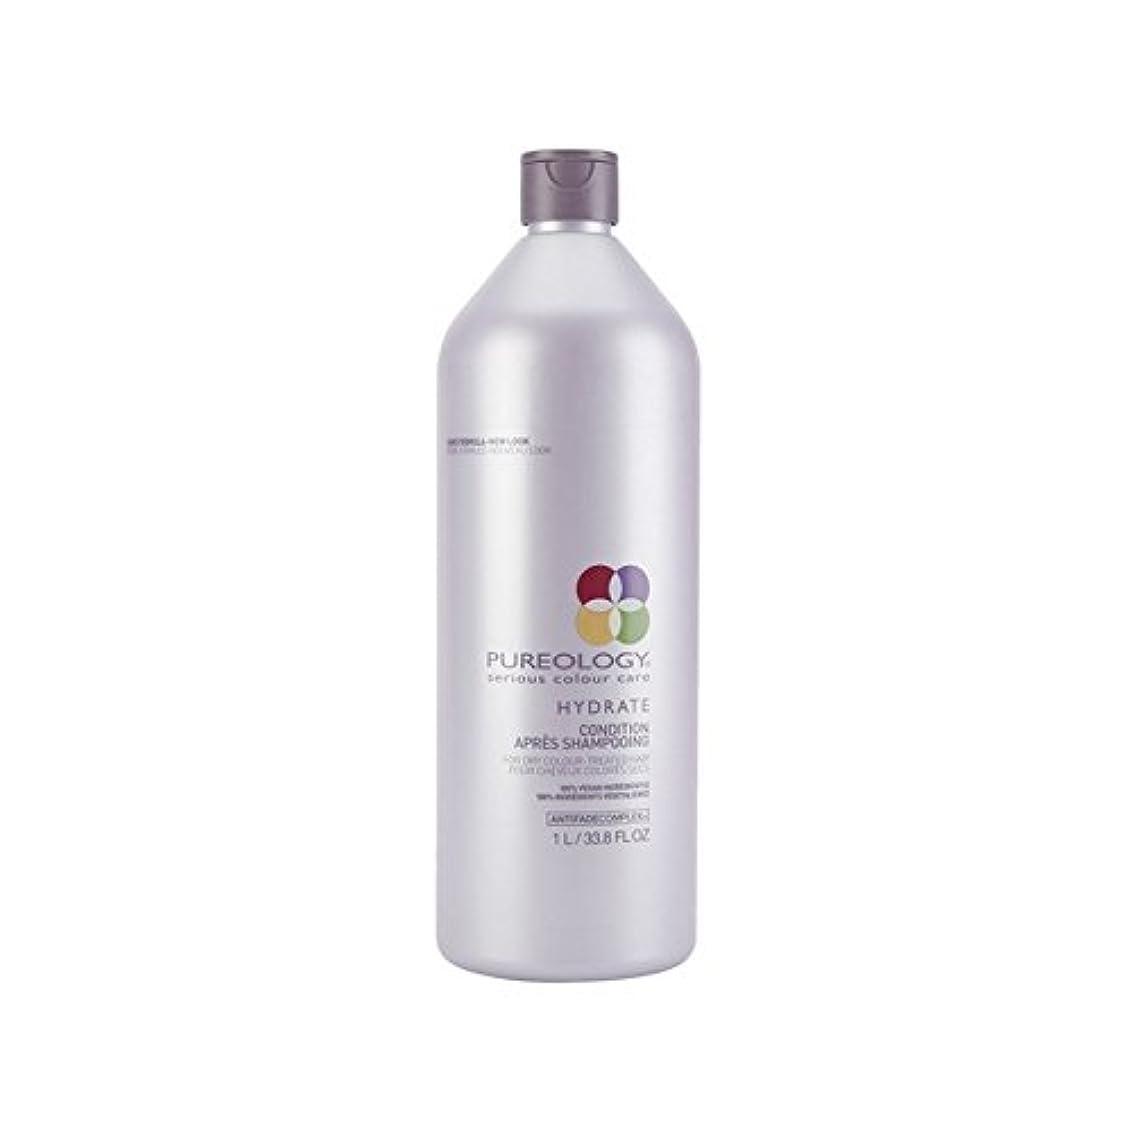 ロシアモチーフ初期の純粋な水和物コンディショナー(千ミリリットル) x4 - Pureology Pure Hydrate Conditioner (1000ml) (Pack of 4) [並行輸入品]